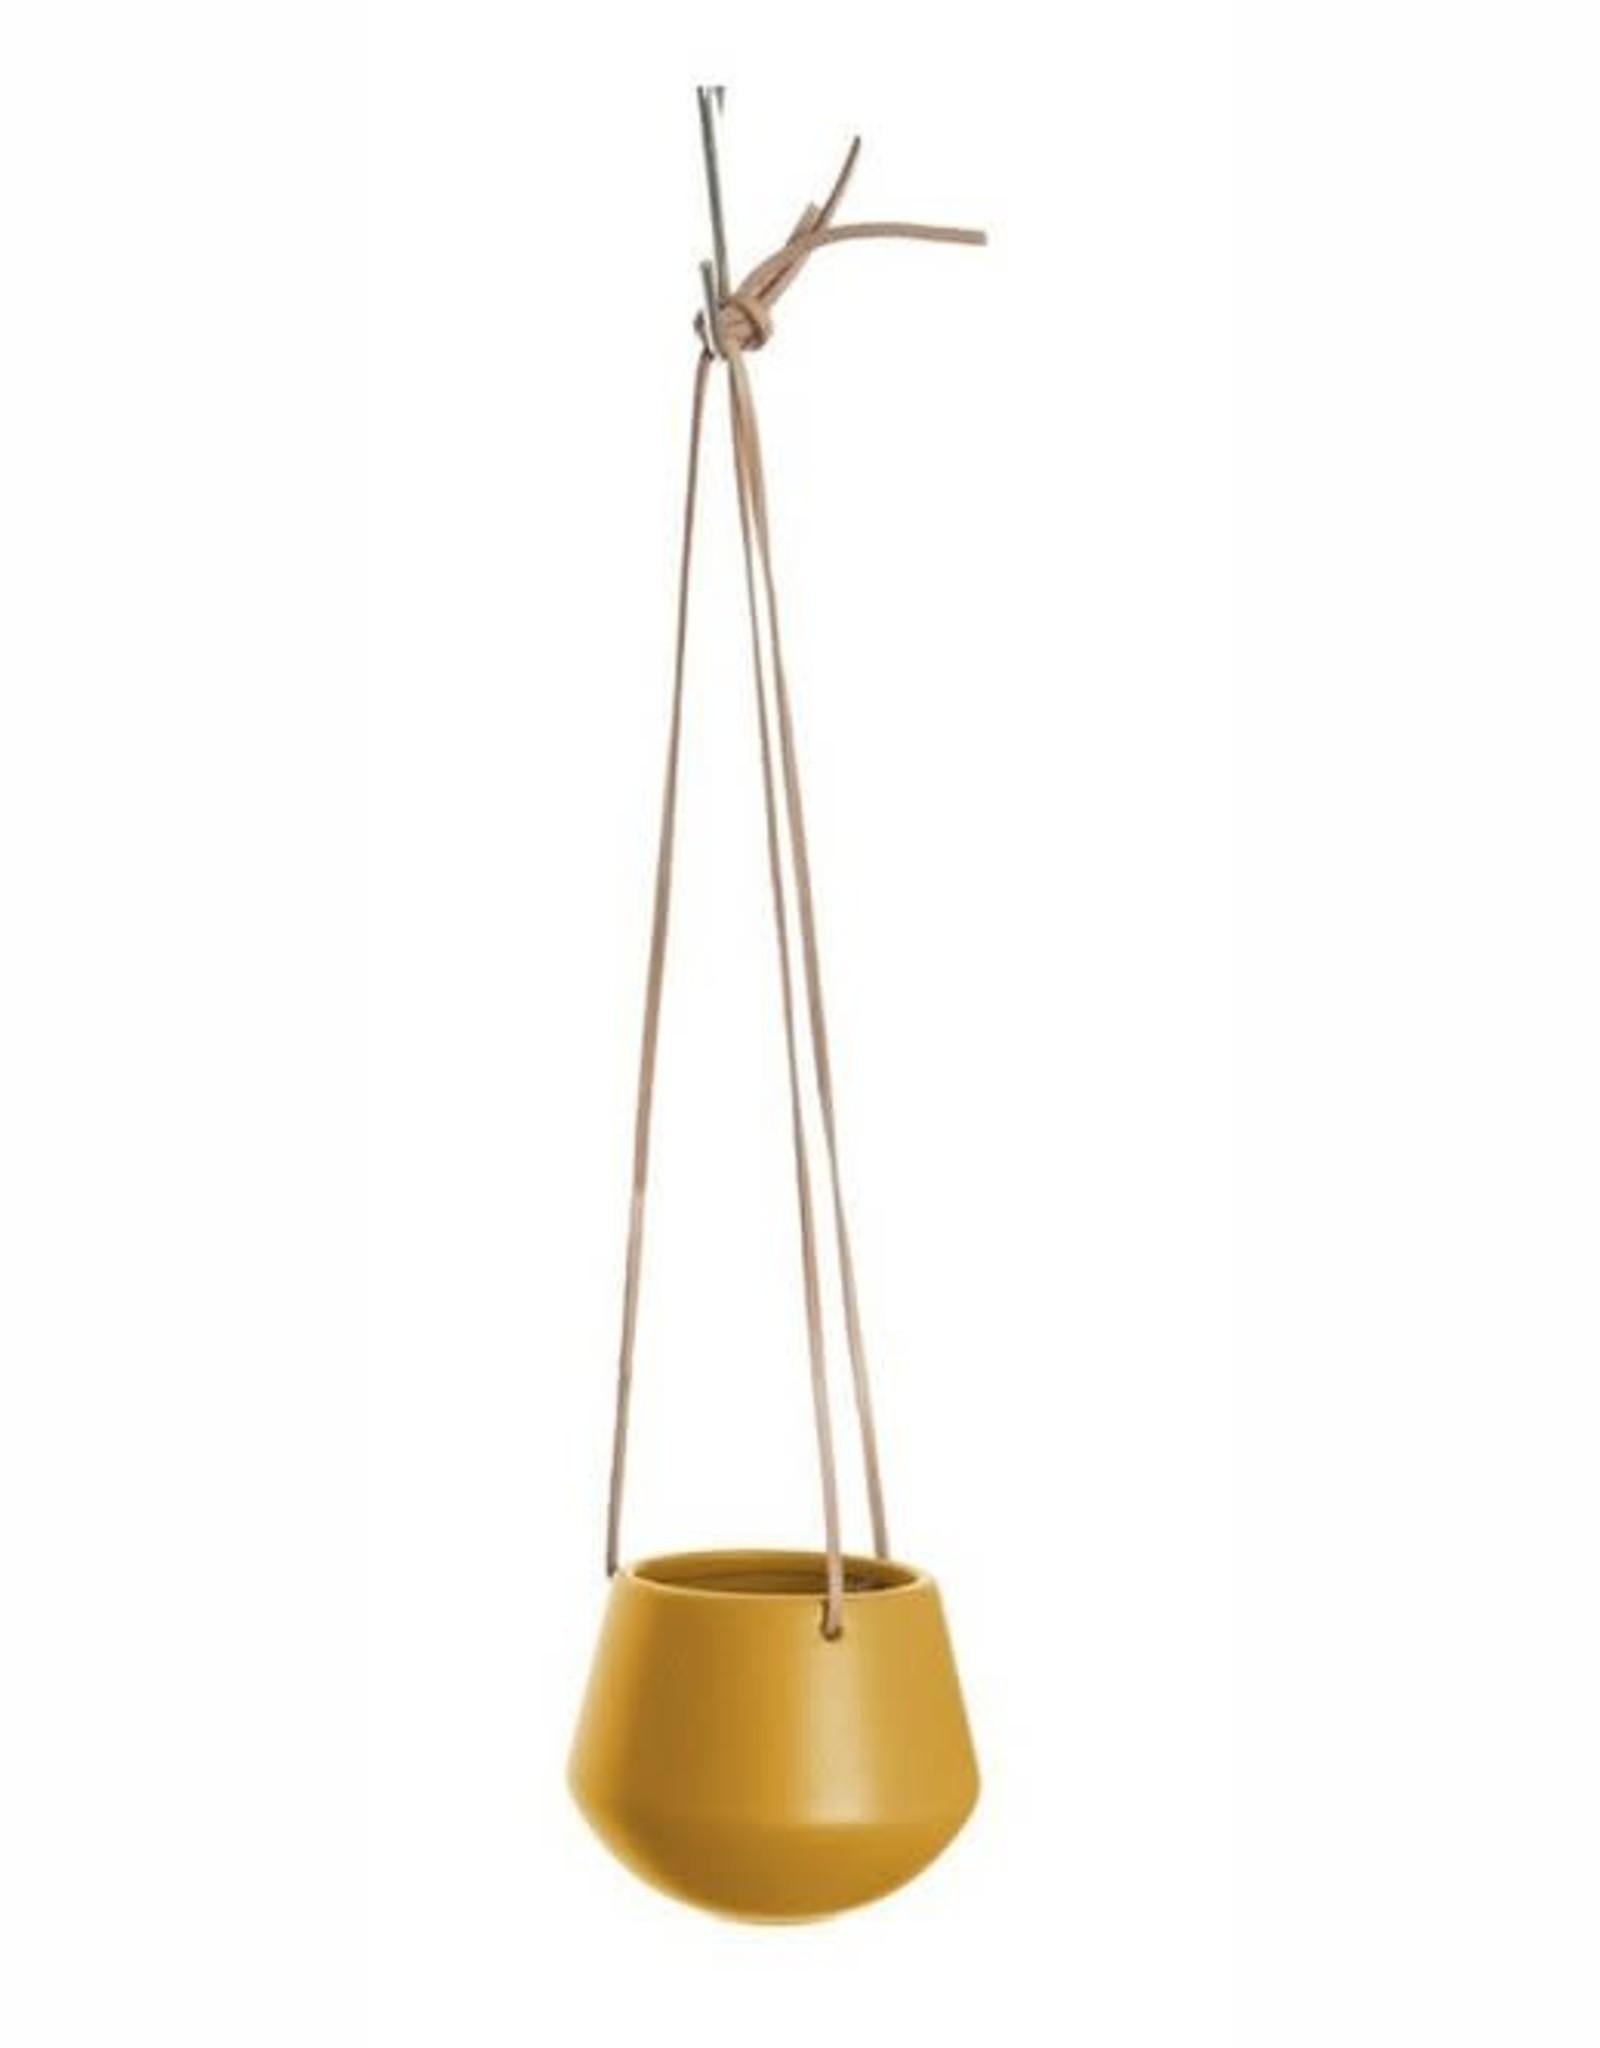 pt Skittle hanging pot Ø8.5 h9 cm - Ochre yellow